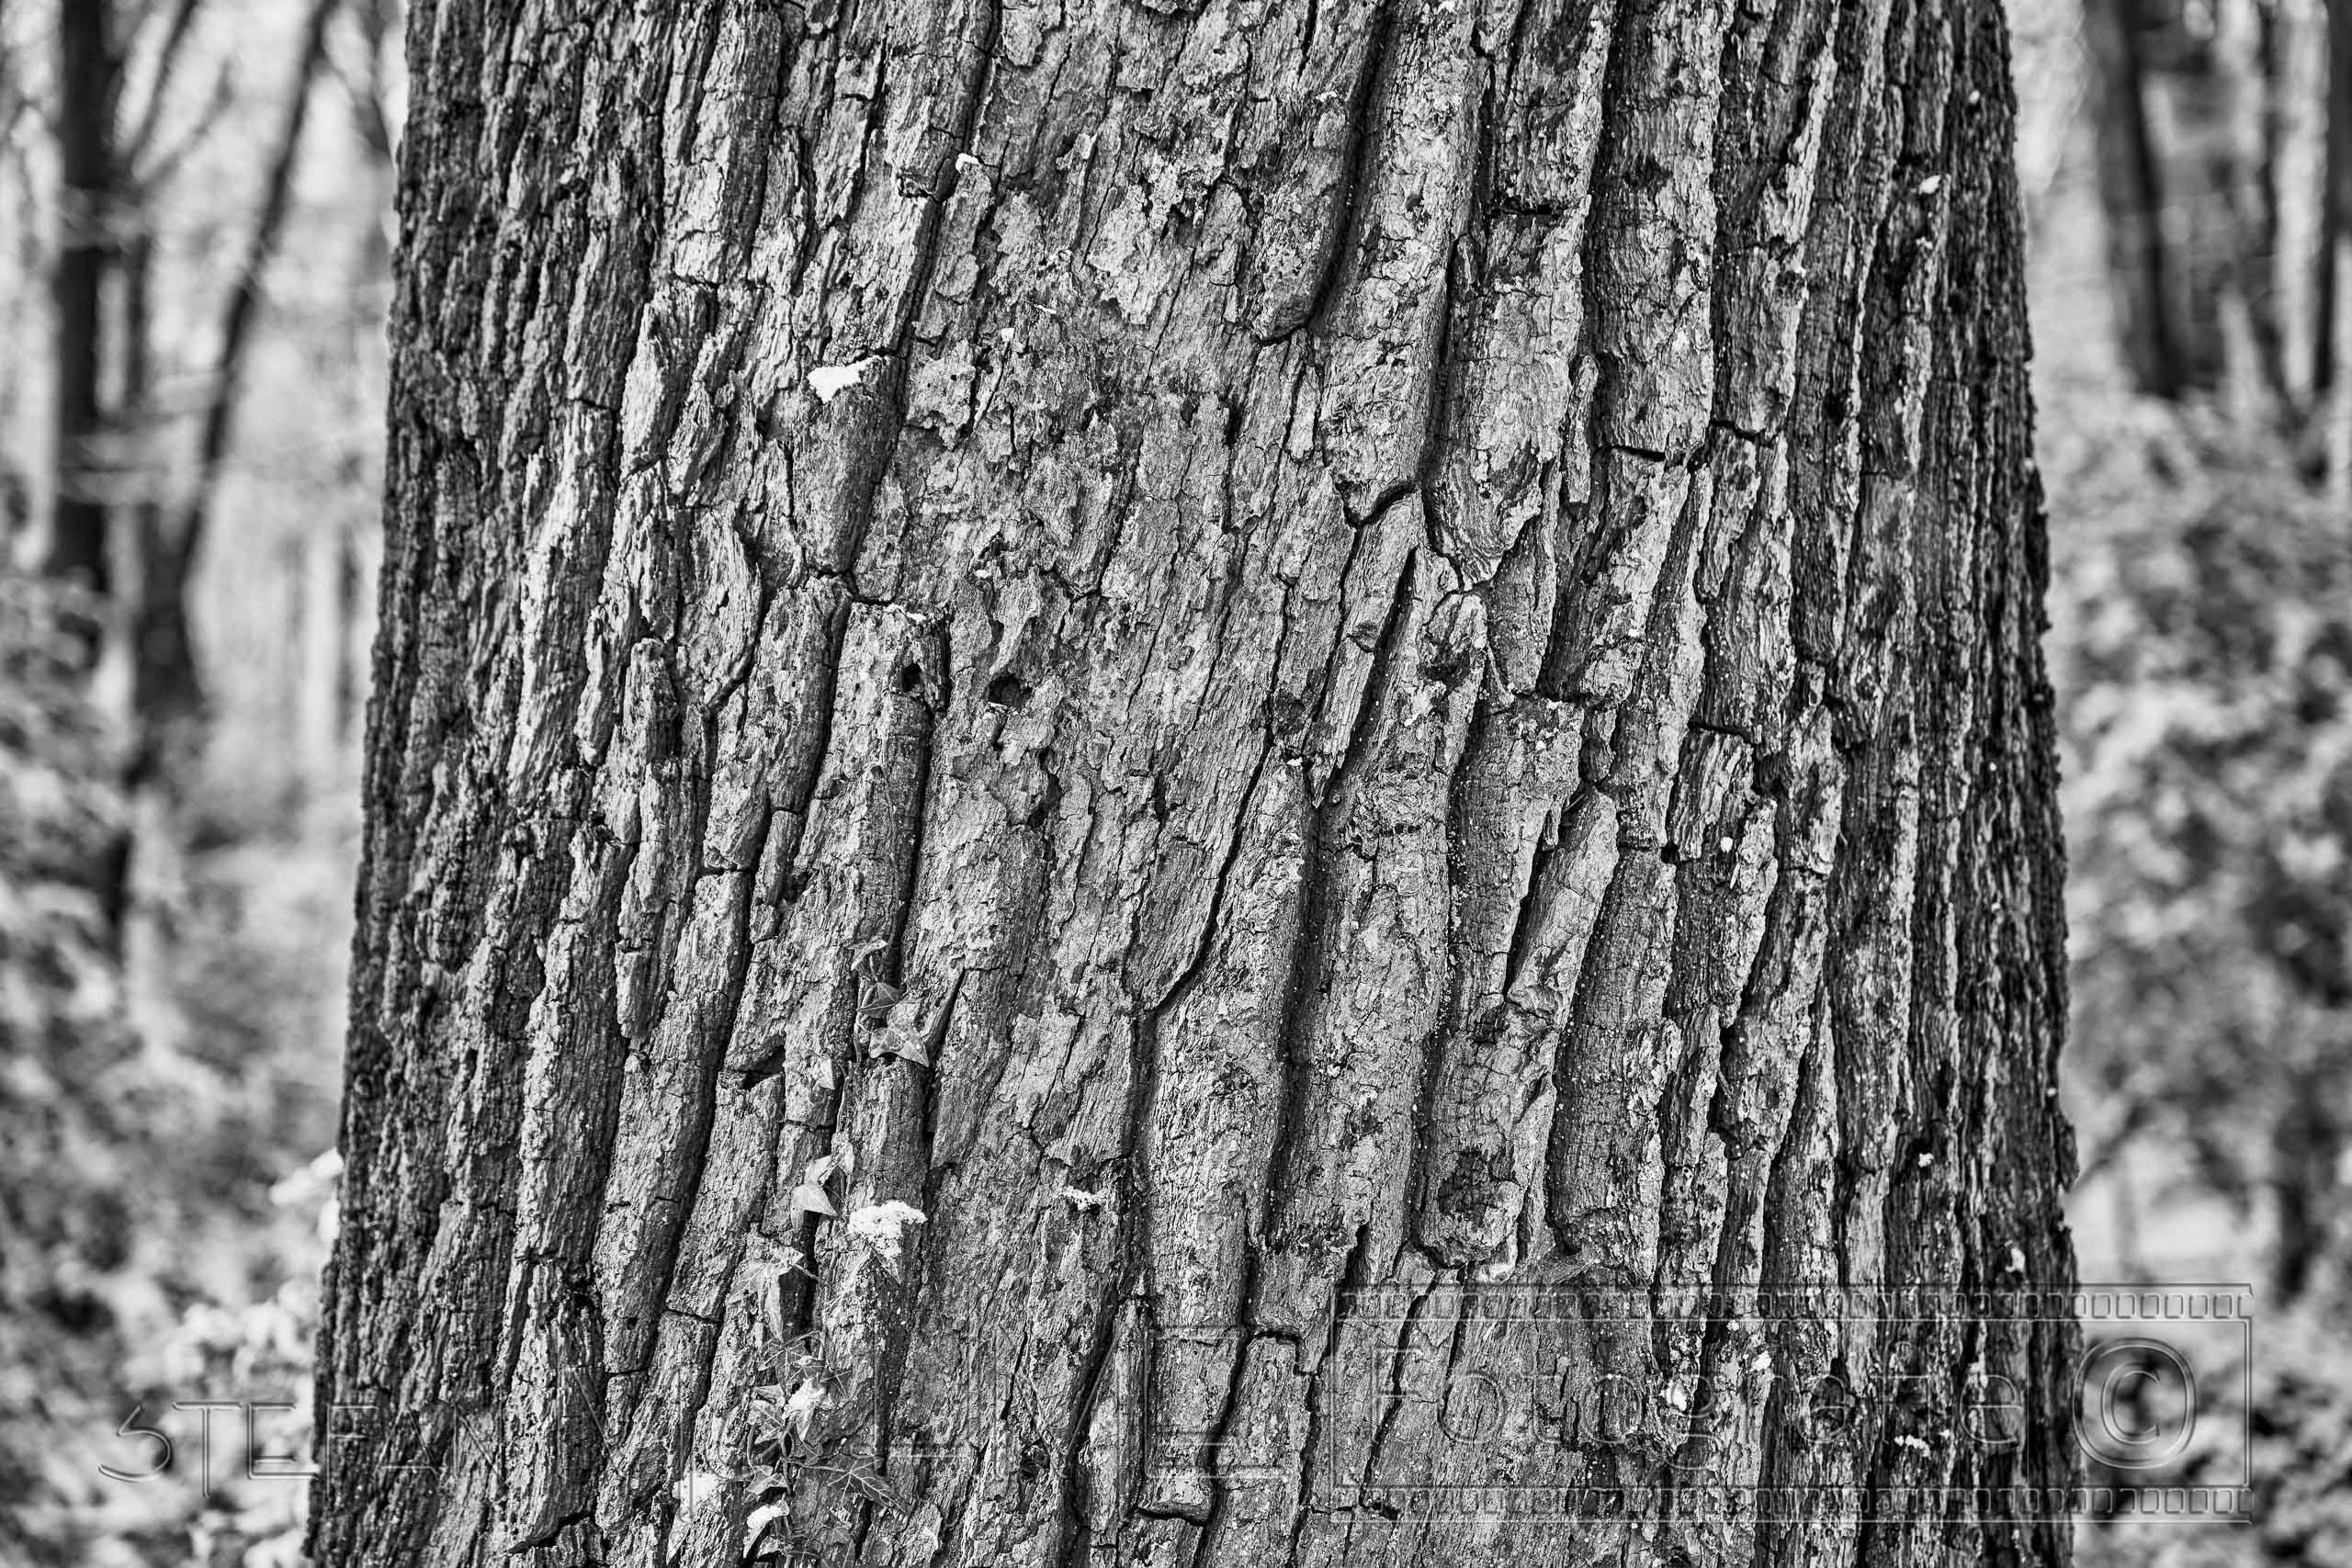 Schwarzweiss ,Baumstamm, nahaufnahme